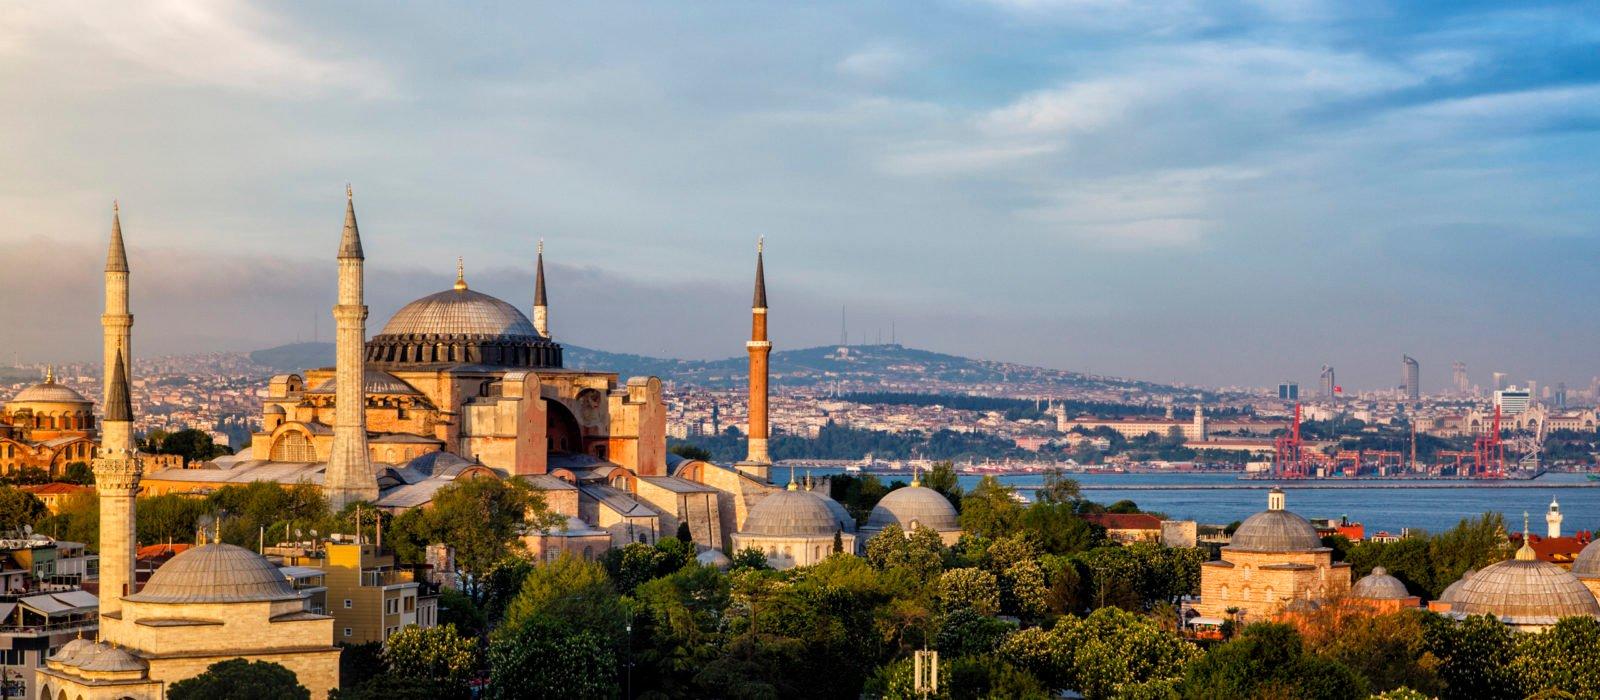 hagia-sophia-istanbul-skyline